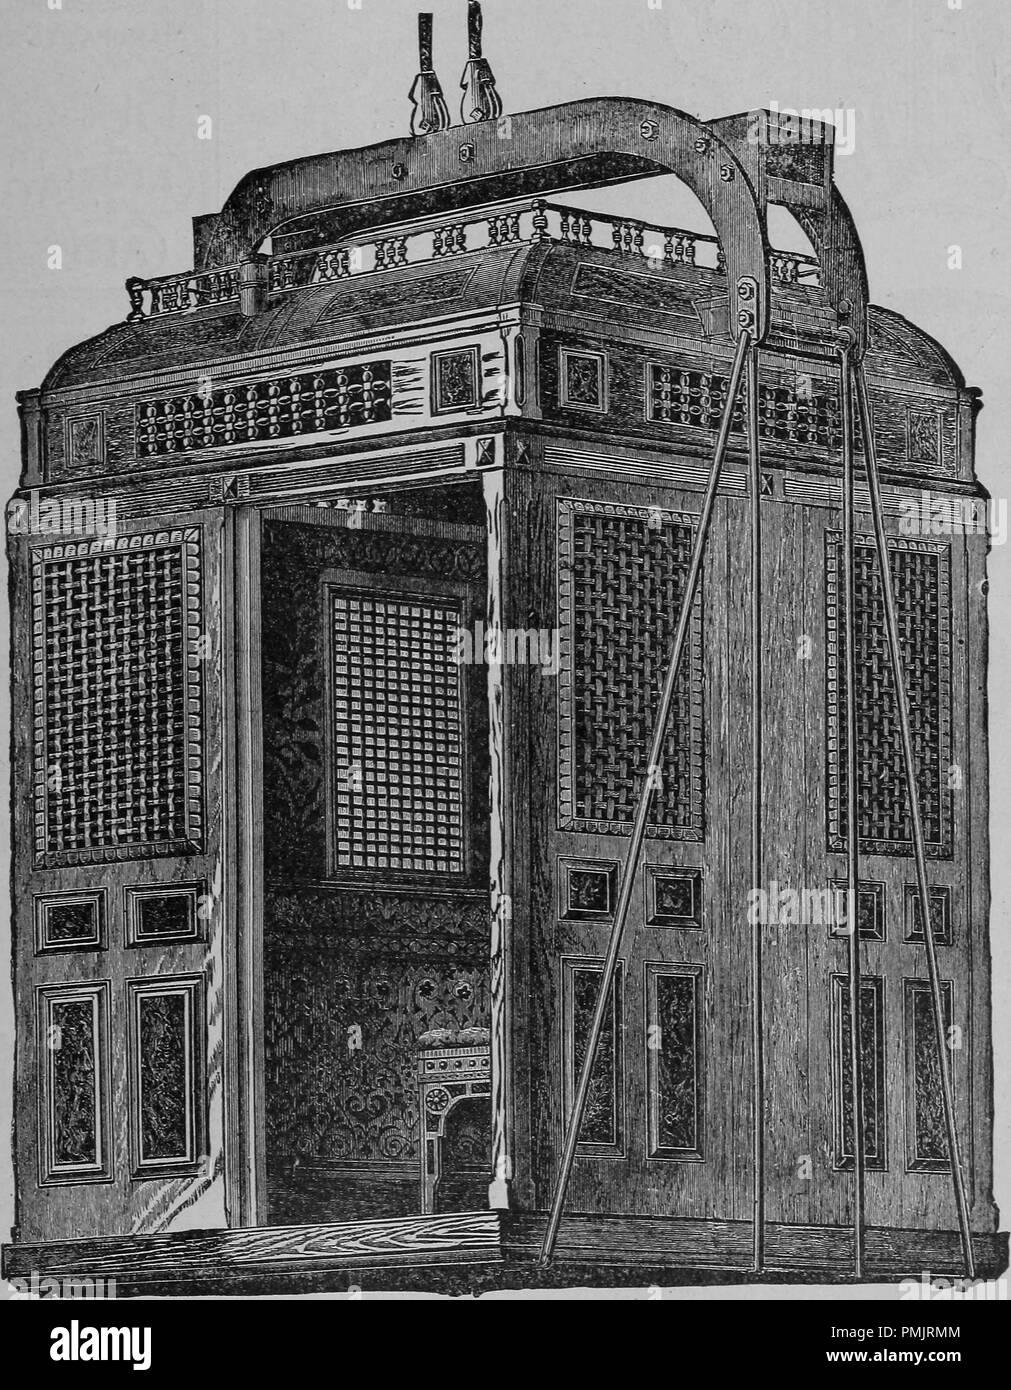 """Incisione di un passeggero ascensore, realizzato da """"Wildey e Shackamaxon STS' da Philadelphia, dal libro """"l Official Directory del mondo Columbian Exposition"""", 1893. La cortesia Internet Archive. () Immagini Stock"""